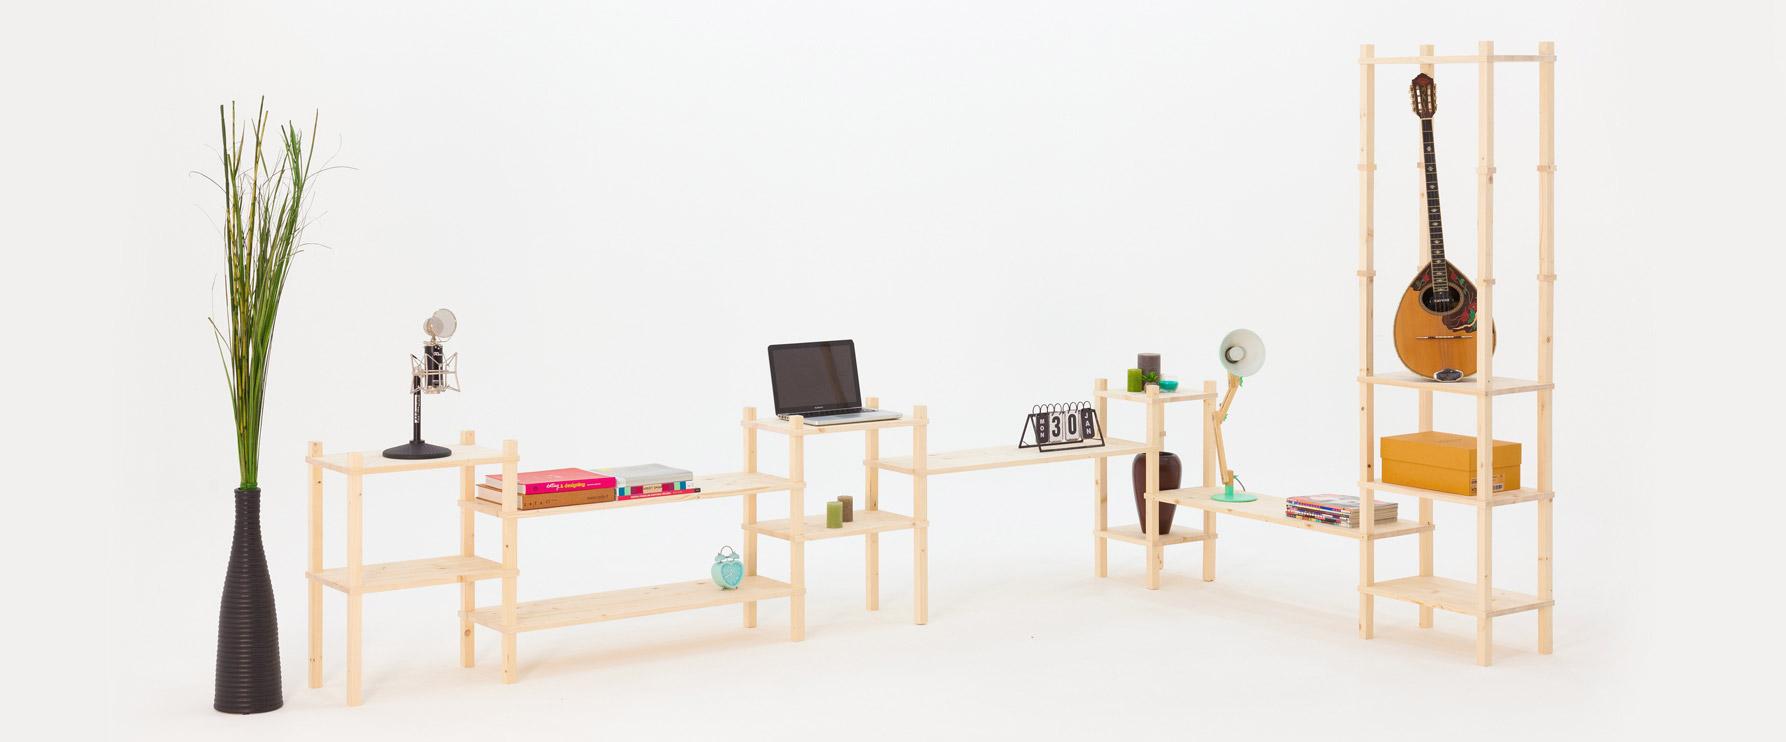 Ispirazioni di composizioni in legno con sistema modulare | Kompo Quadro